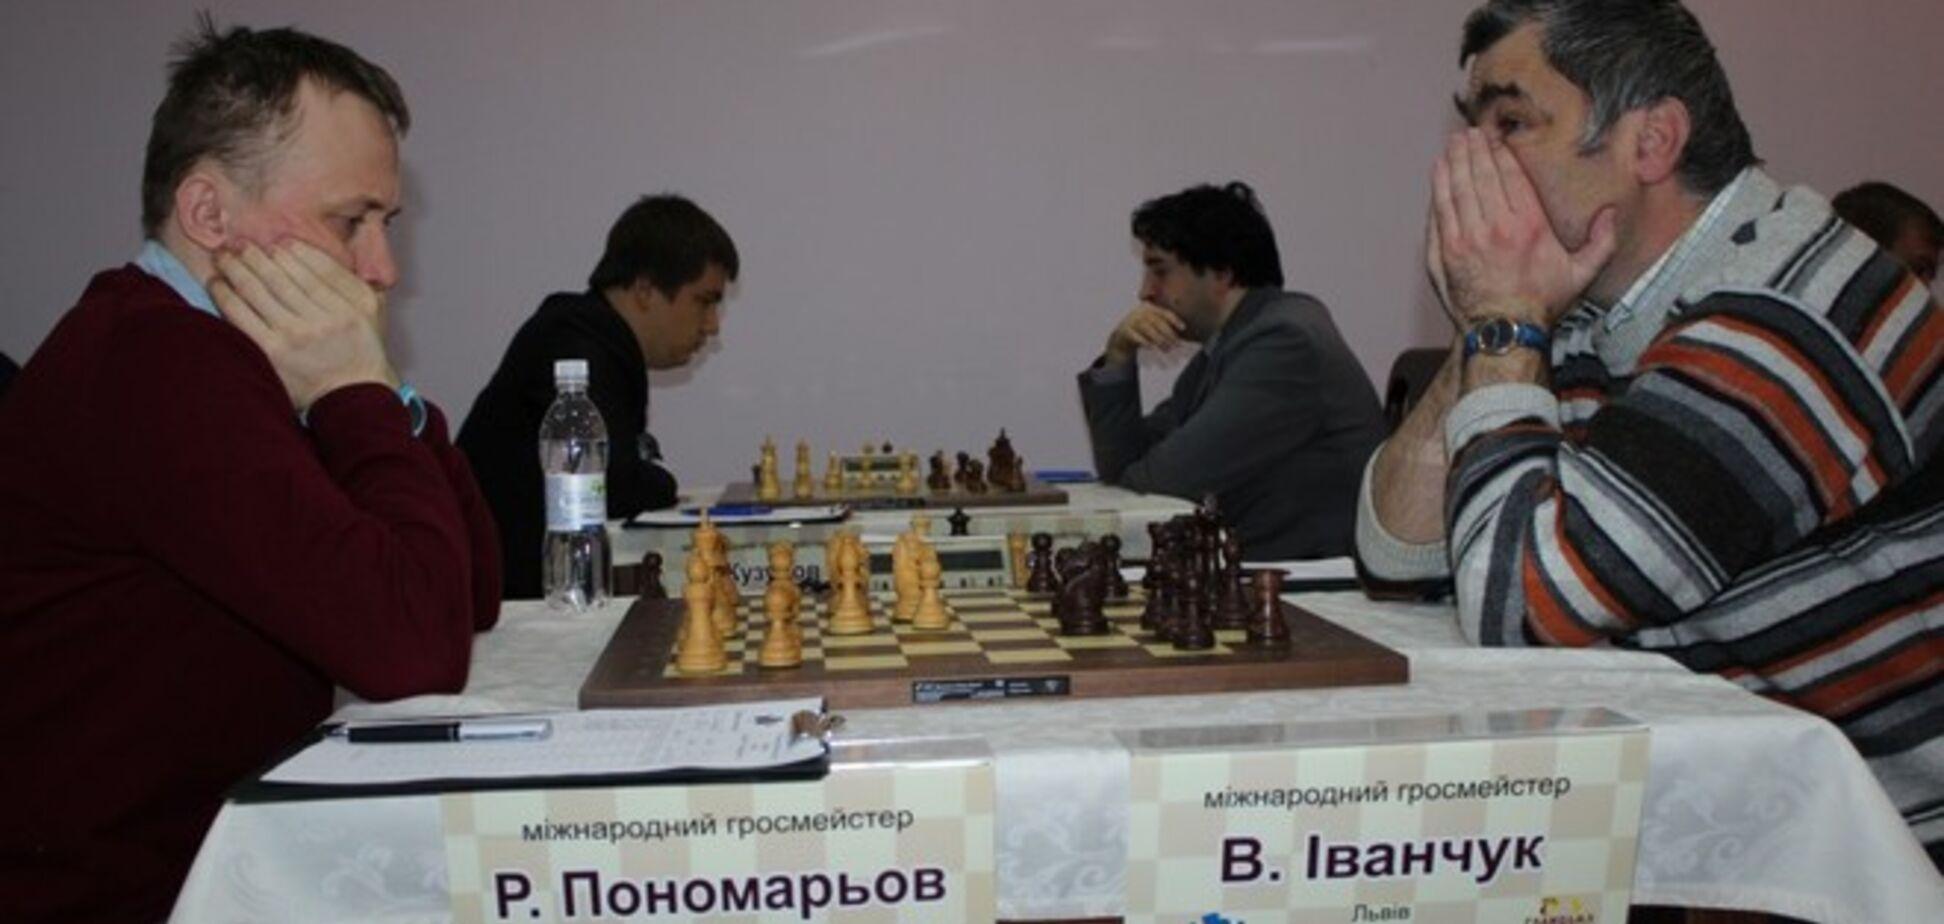 На чемпионате Украины по шахматам встретились самые титулованные участники